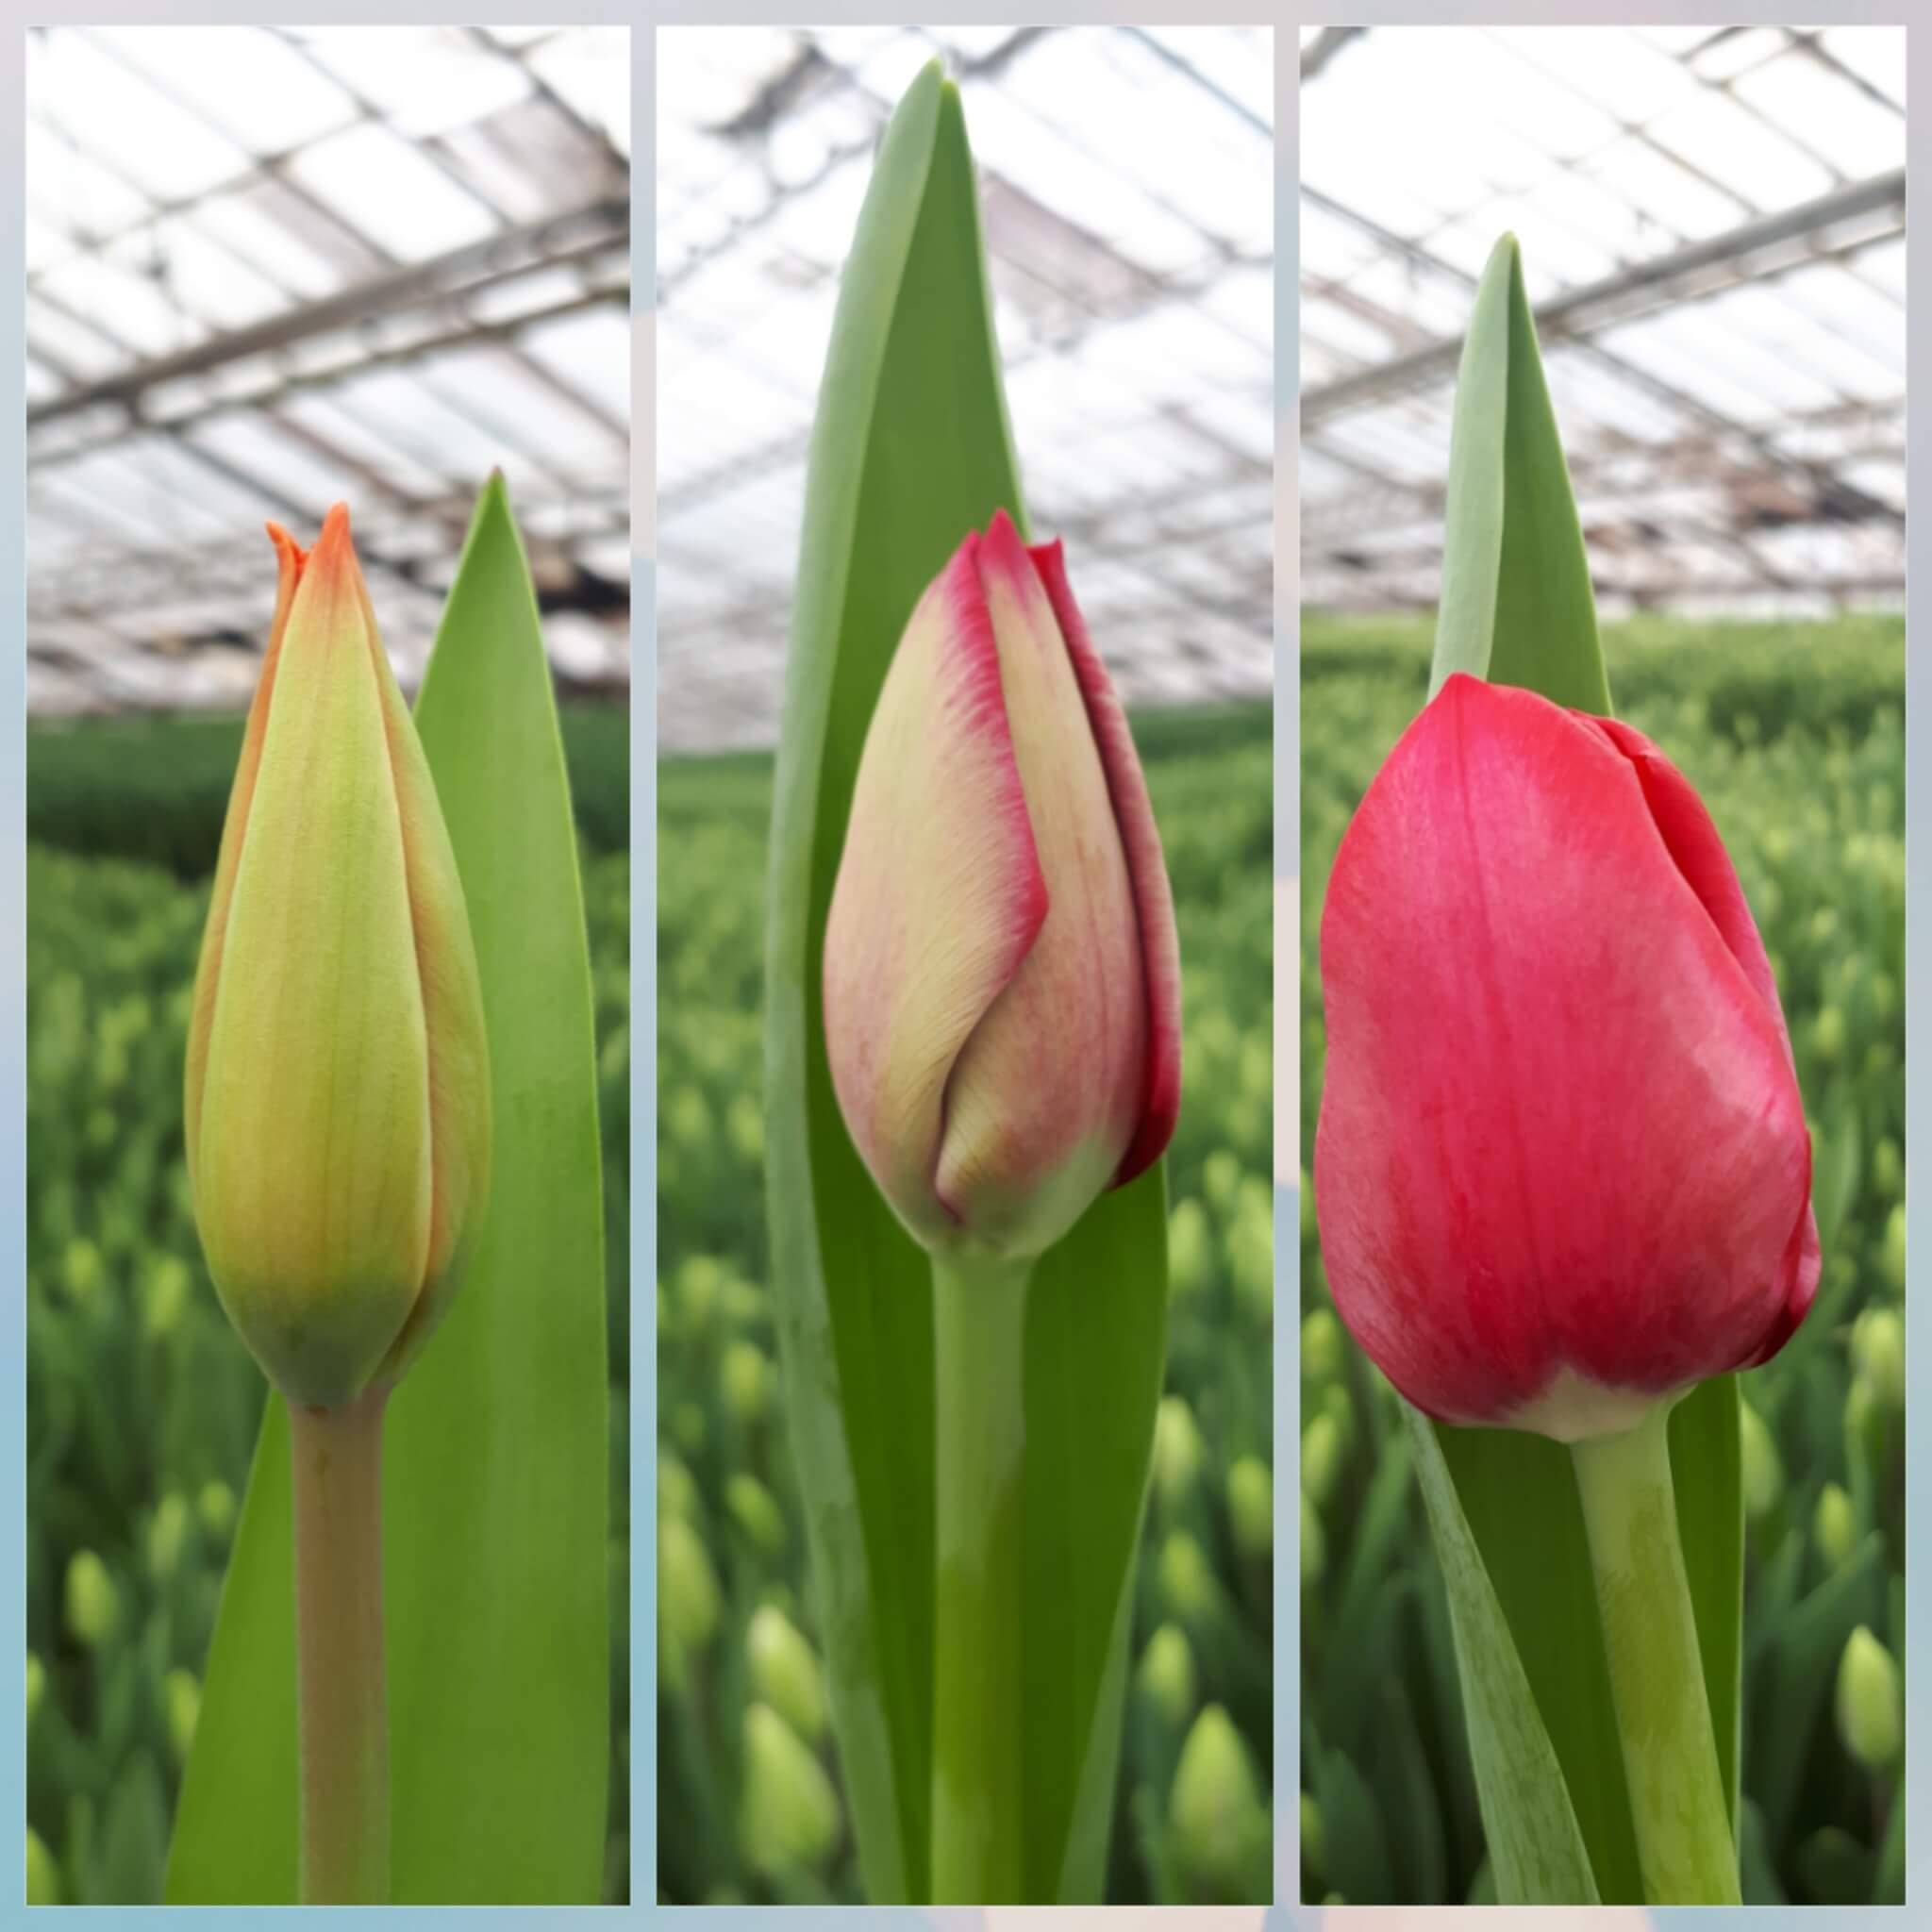 Изображение тюльпанов с закрытыми, полураспустившимися и распустившимися бутонами